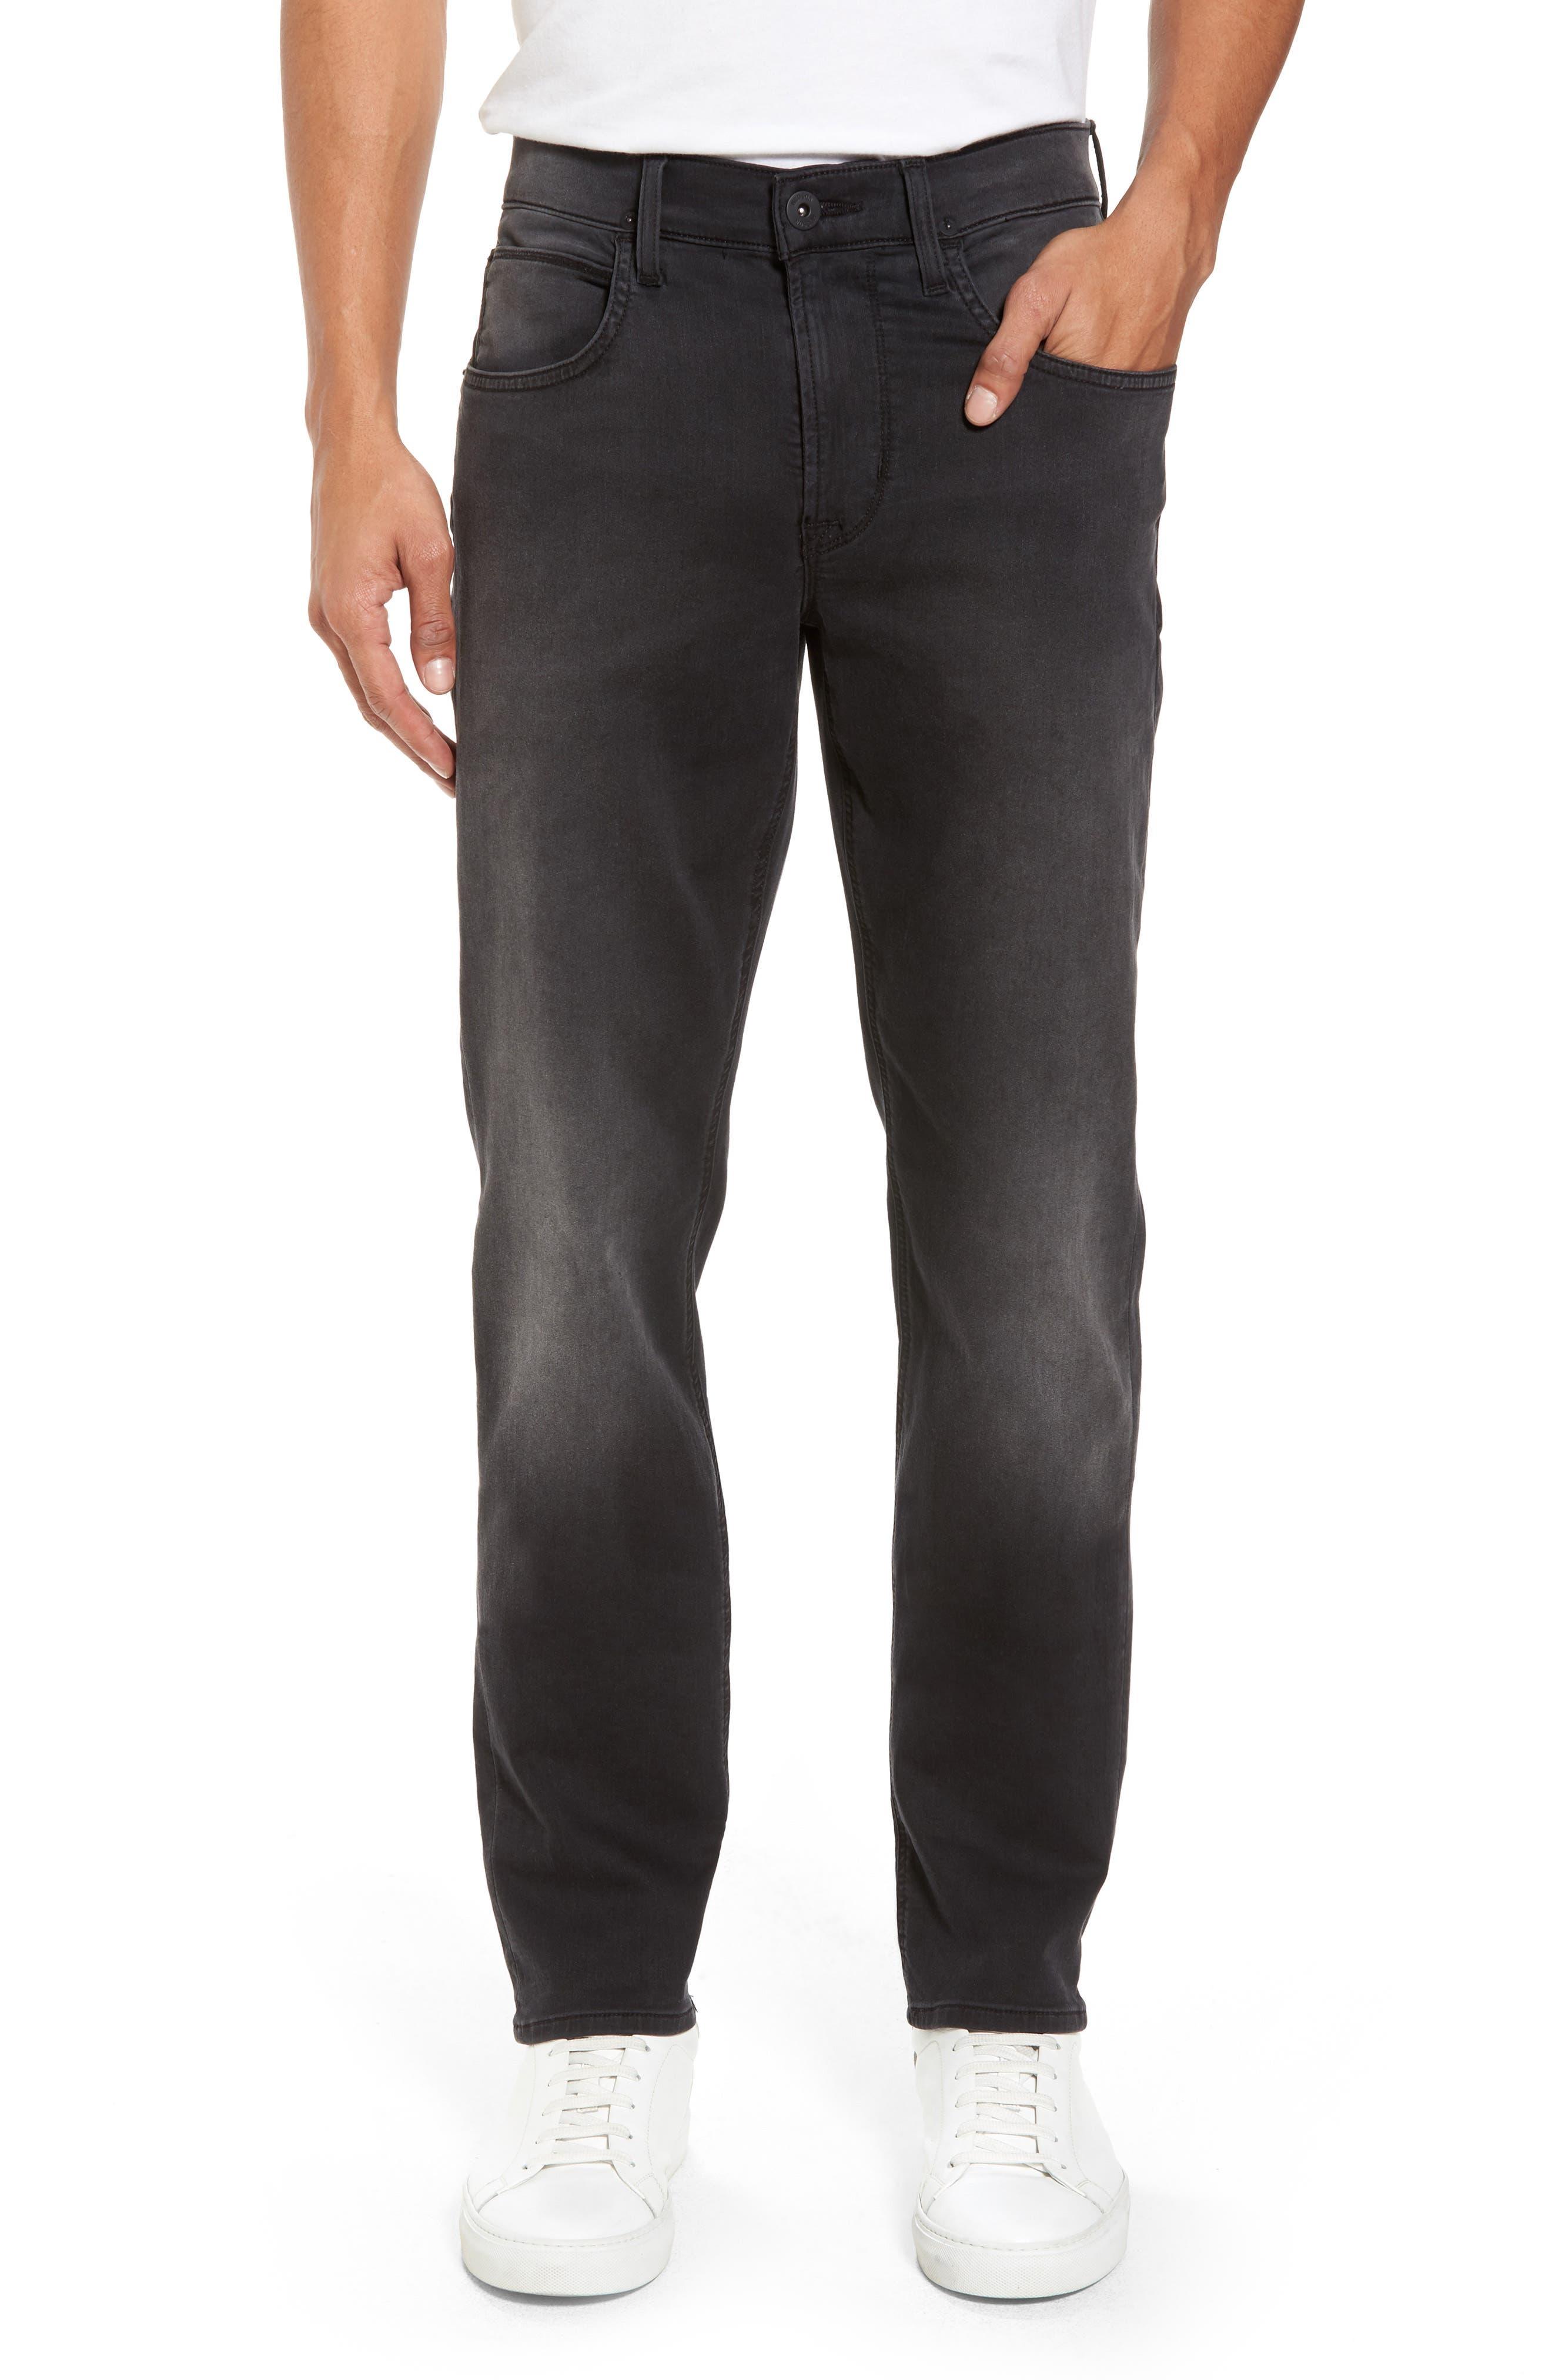 Blake Slim Fit Jeans,                         Main,                         color, 001